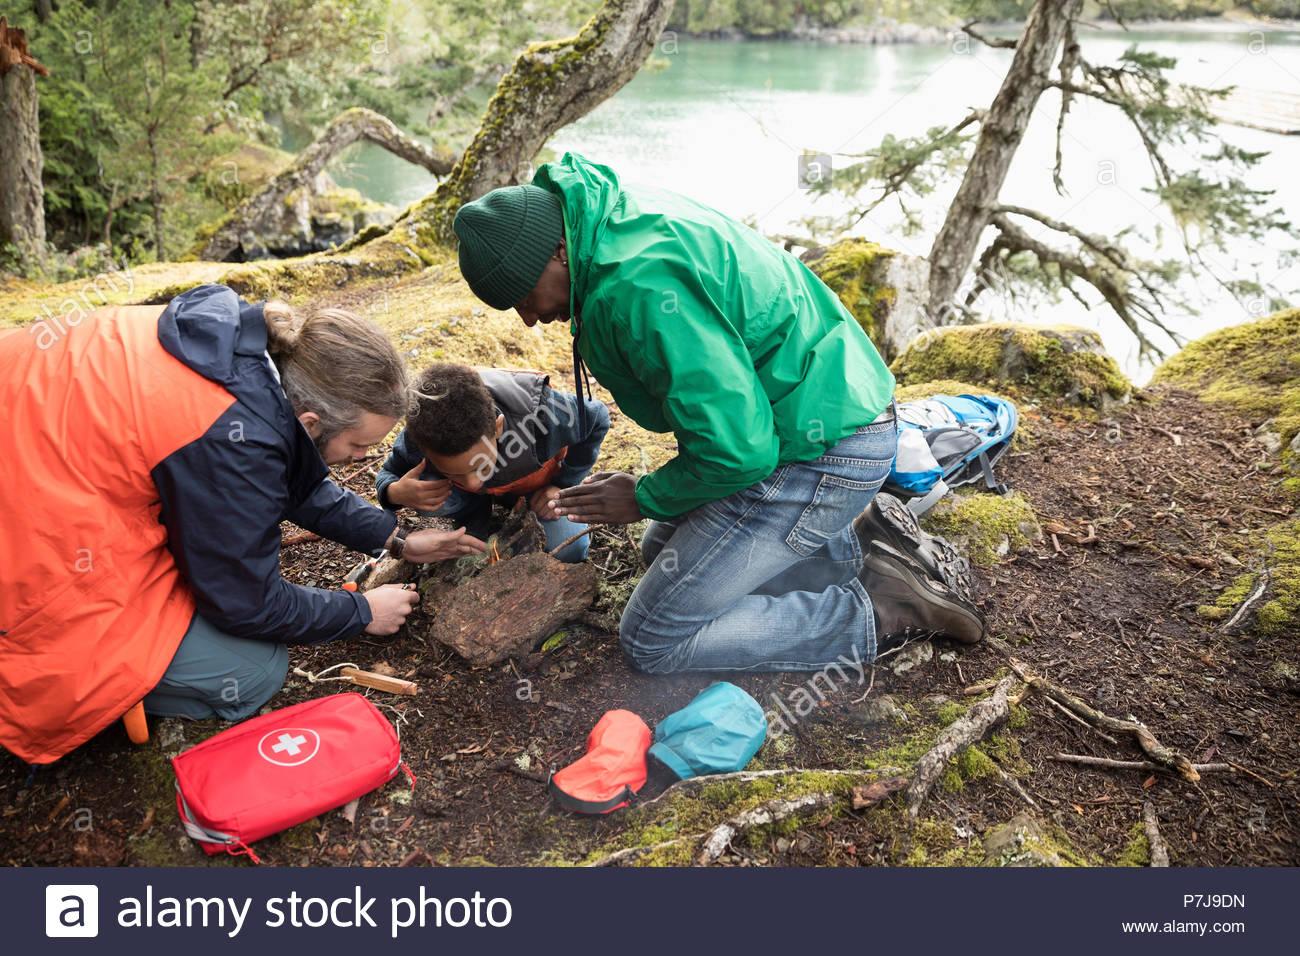 Guide des sentiers père et fils d'enseignement comment construire un feu de camp dans les bois Photo Stock